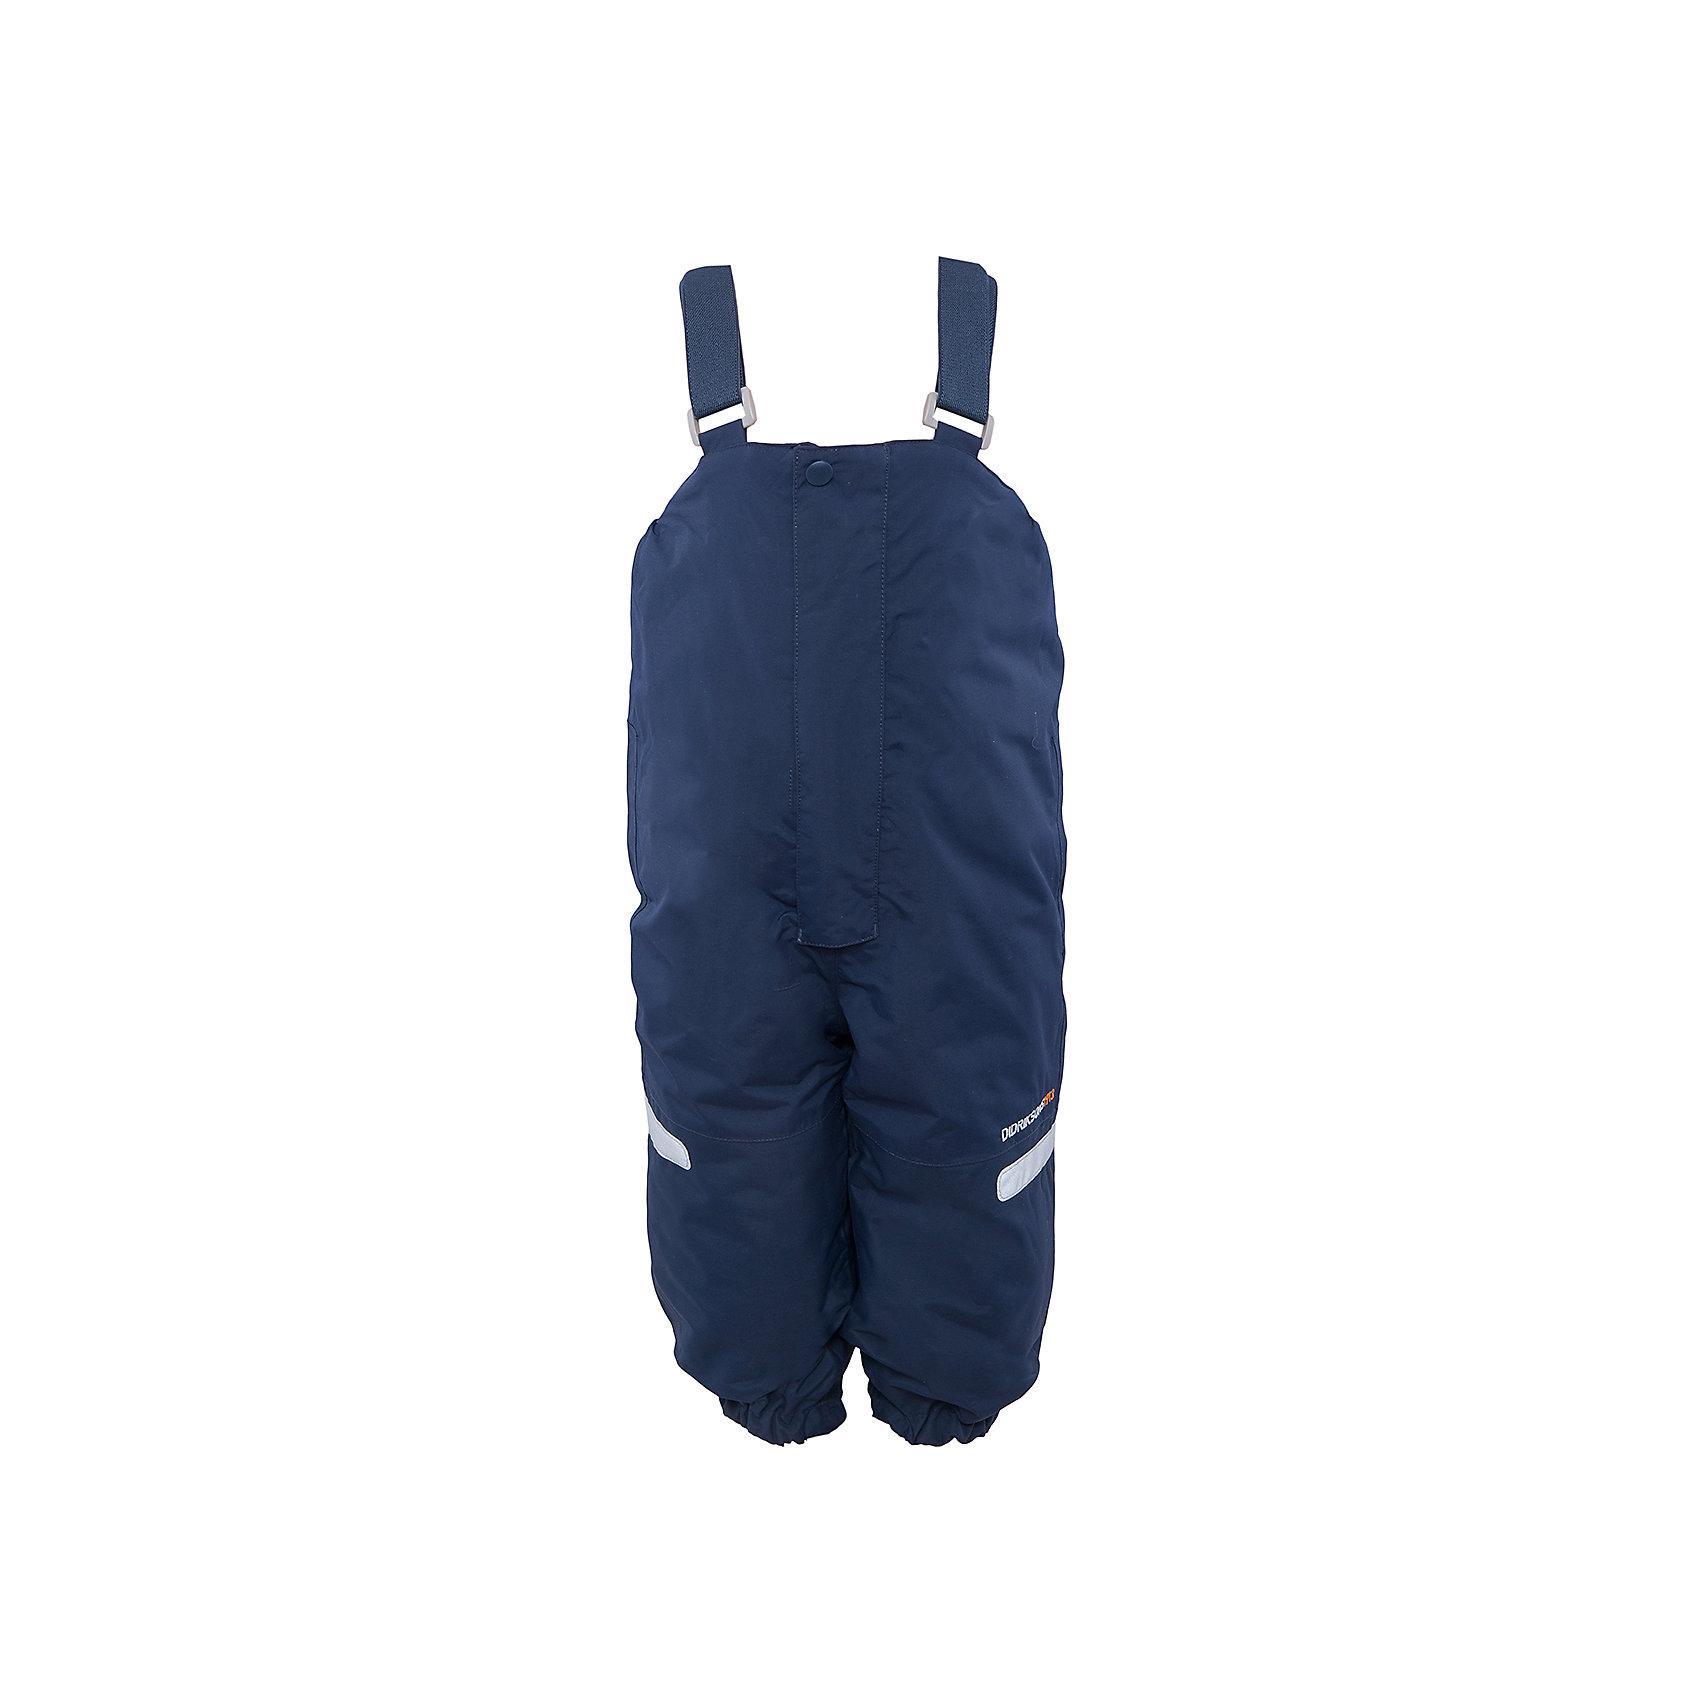 Брюки Ayasha для мальчика DIDRIKSONSВерхняя одежда<br>Характеристики товара:<br><br>• цвет: голубой<br>• материал: 100% полиамид, подкладка 100% полиэстер<br>• утеплитель: 120 г/м<br>• сезон: зима<br>• температурный режим от +5 до -20С<br>• непромокаемая и непродуваемая мембранная ткань<br>• дополнительная пропитка верха<br>• прокленные швы<br>• талия и низ штанин регулируется<br>• внутренние гетры<br>• ширинка на молнии<br>• светоотражающие детали<br>• можно увеличить длину штанин на один размер <br>• страна бренда: Швеция<br>• страна производства: Китай<br><br>Такие брюки незаменимы в холодную и сырую погоду! Это не только стильно, но еще и очень комфортно, а также тепло. Они обеспечат ребенку удобство при прогулках и активном отдыхе зимой. Брюки от шведского производителя легко трансформируются под рост ребенка и погодные условия.<br>Модель сшита из мембранной ткани, которая позволяет телу дышать, но при этом не промокает и не продувается. Очень стильная и удобная модель! Изделие качественно выполнено, сделано из безопасных для детей материалов. <br><br>Брюки для мальчика от бренда DIDRIKSONS можно купить в нашем интернет-магазине.<br><br>Ширина мм: 215<br>Глубина мм: 88<br>Высота мм: 191<br>Вес г: 336<br>Цвет: голубой<br>Возраст от месяцев: 12<br>Возраст до месяцев: 15<br>Пол: Мужской<br>Возраст: Детский<br>Размер: 100,80,110,120<br>SKU: 5003883